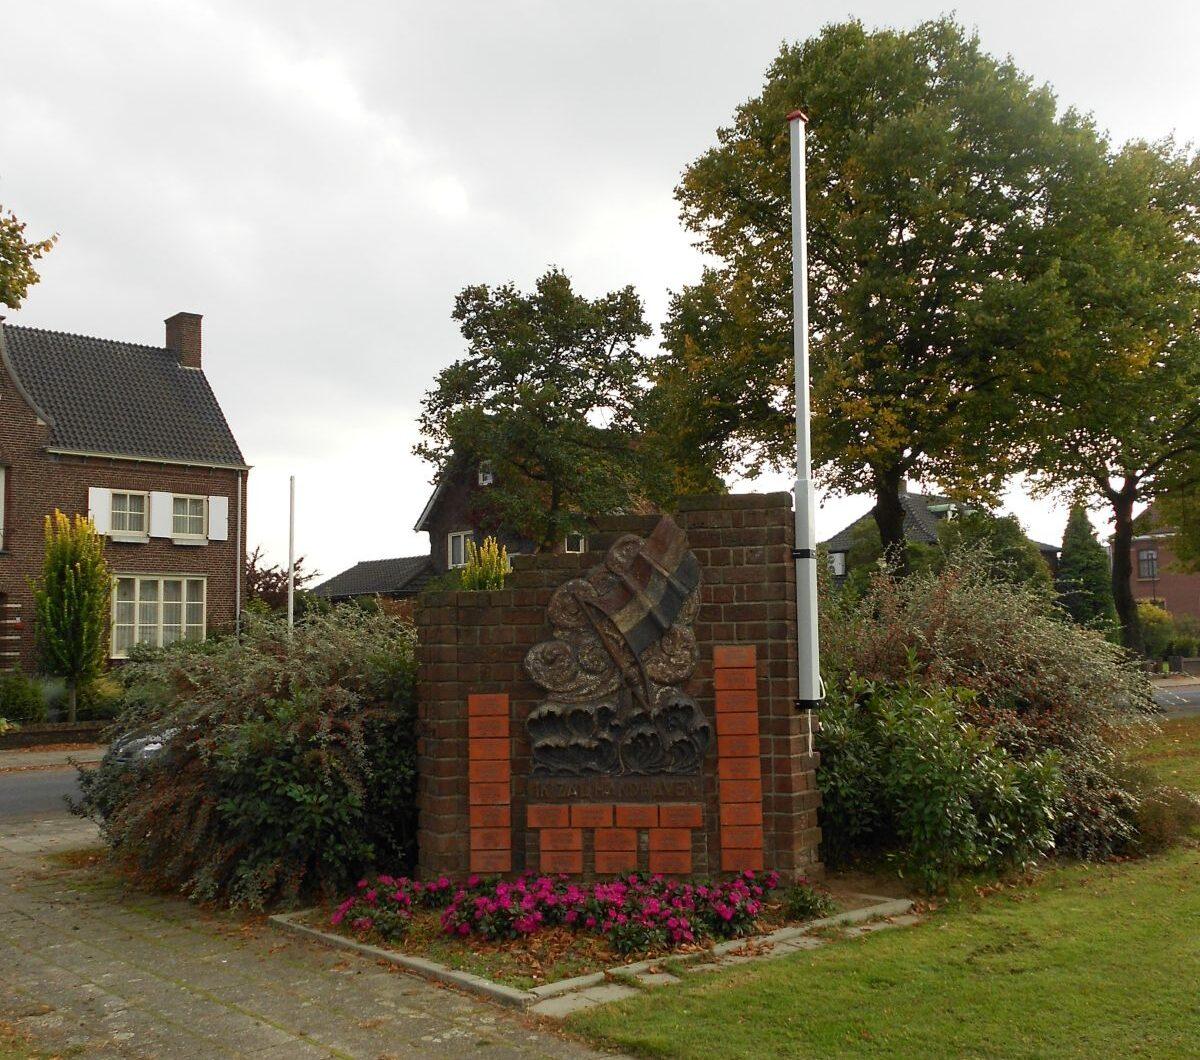 Tegelen, 'Ik Zal Handhaven' monument